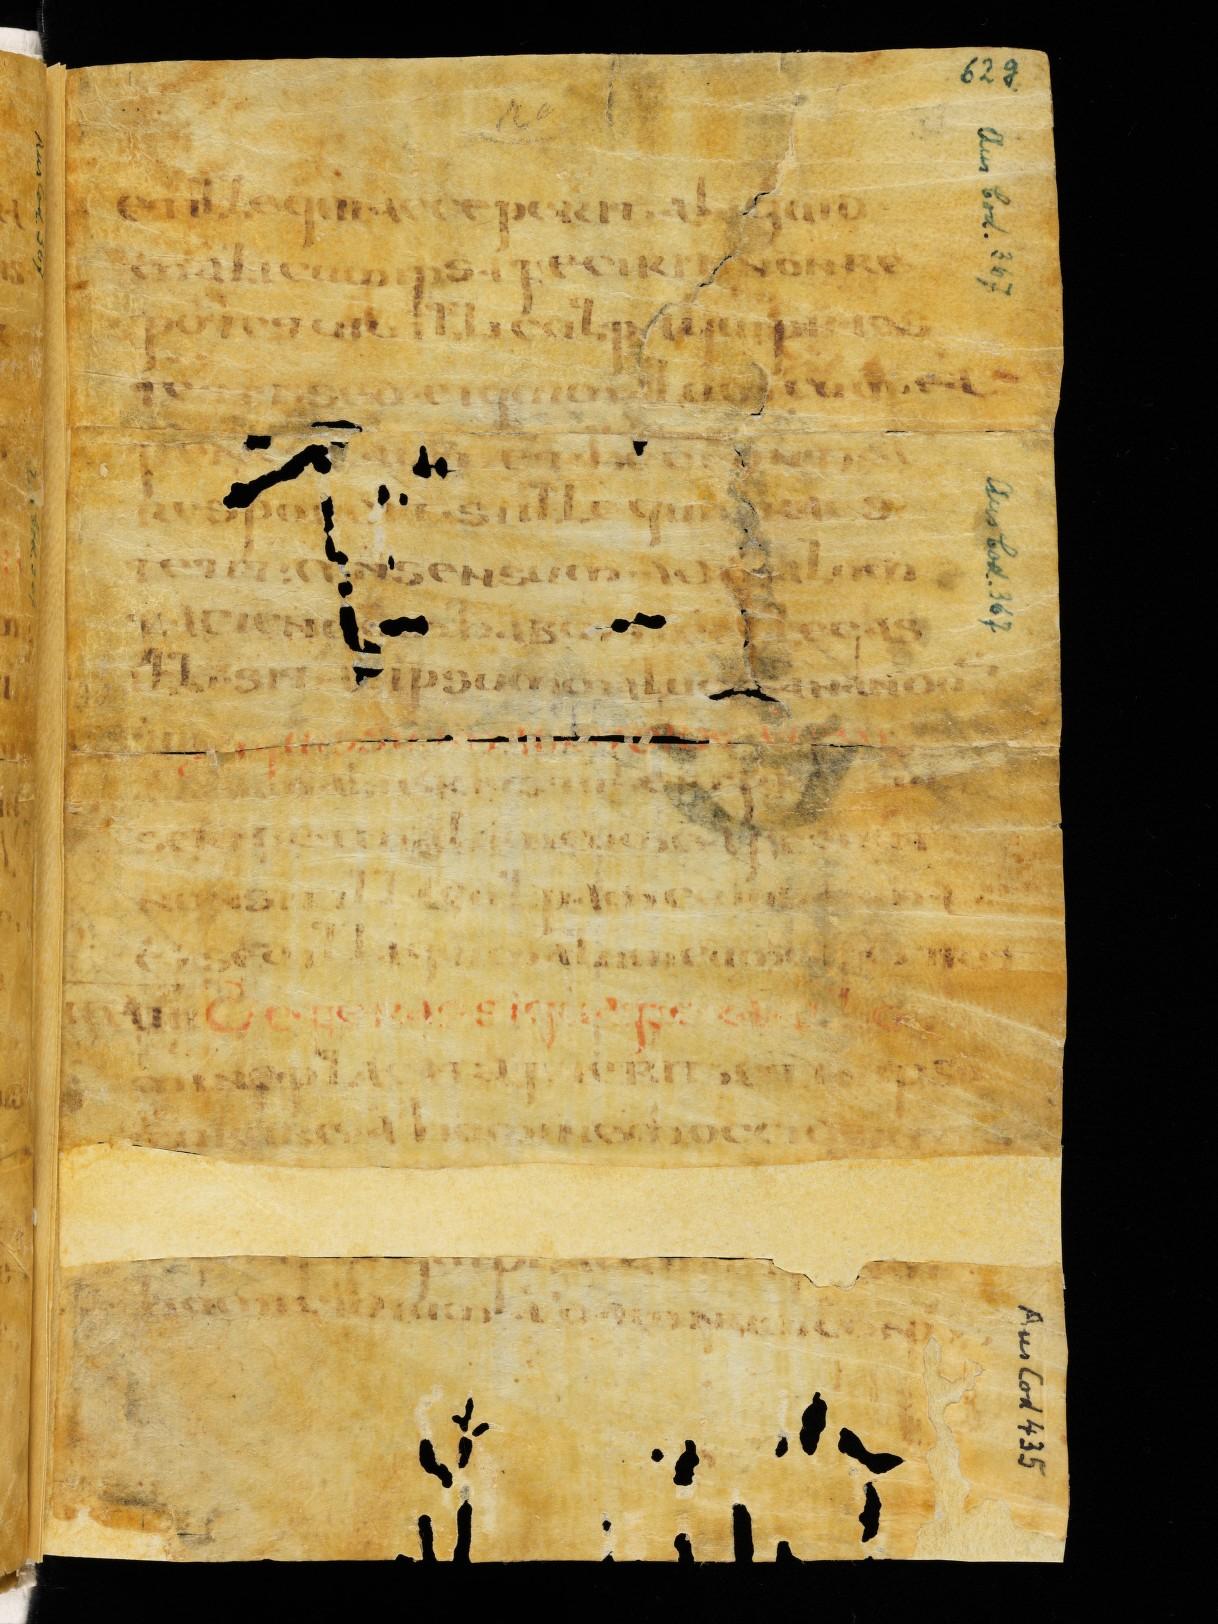 Cod. Sang. 730, p. 62g